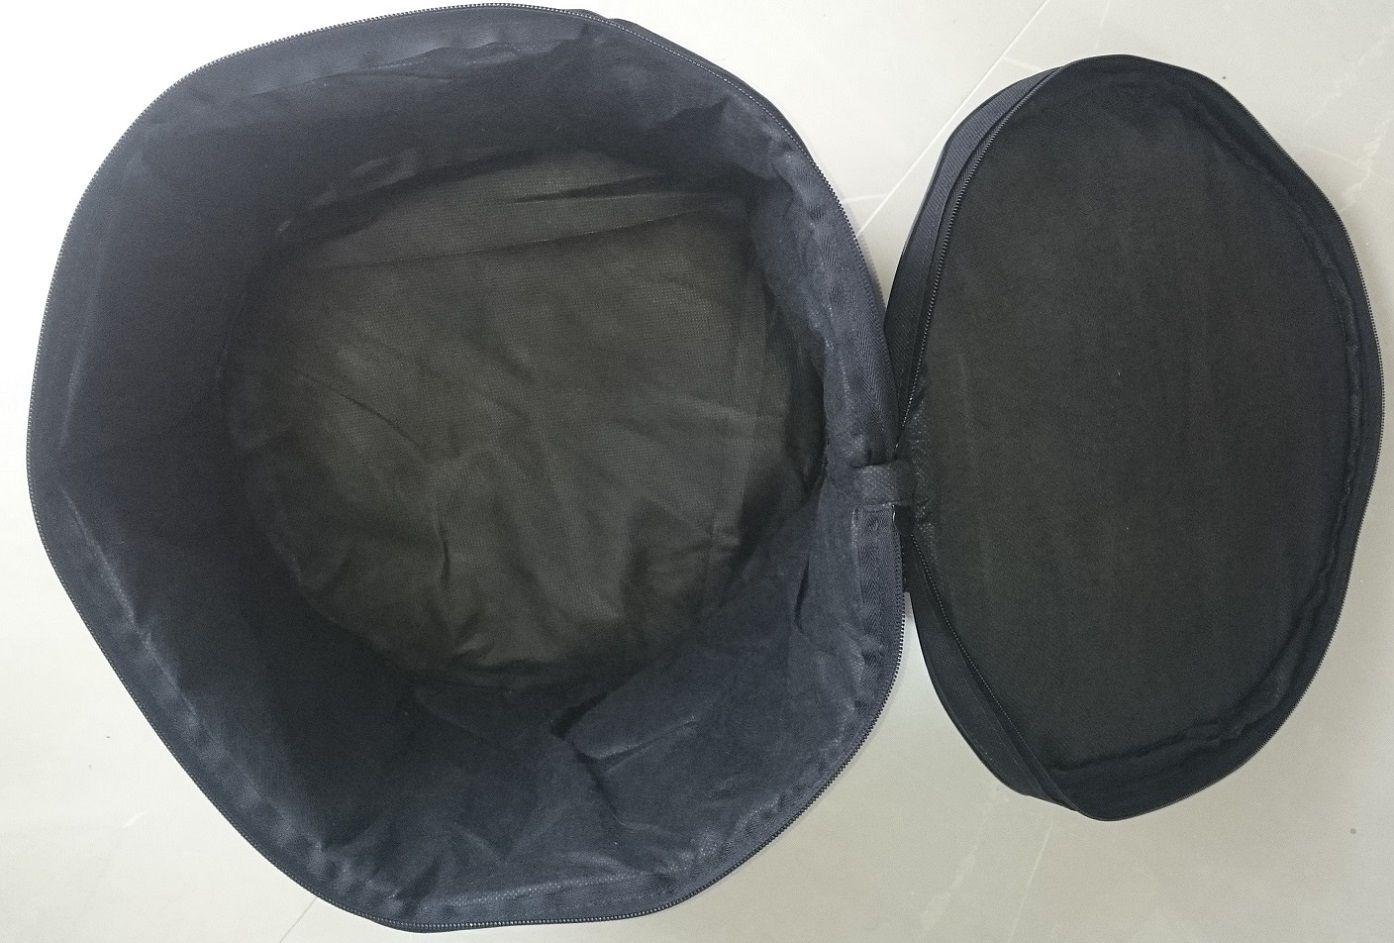 Kit de Bag's Extra-Luxo para Bateria com 6 Pçs  10 12 C14 16 22 PPT